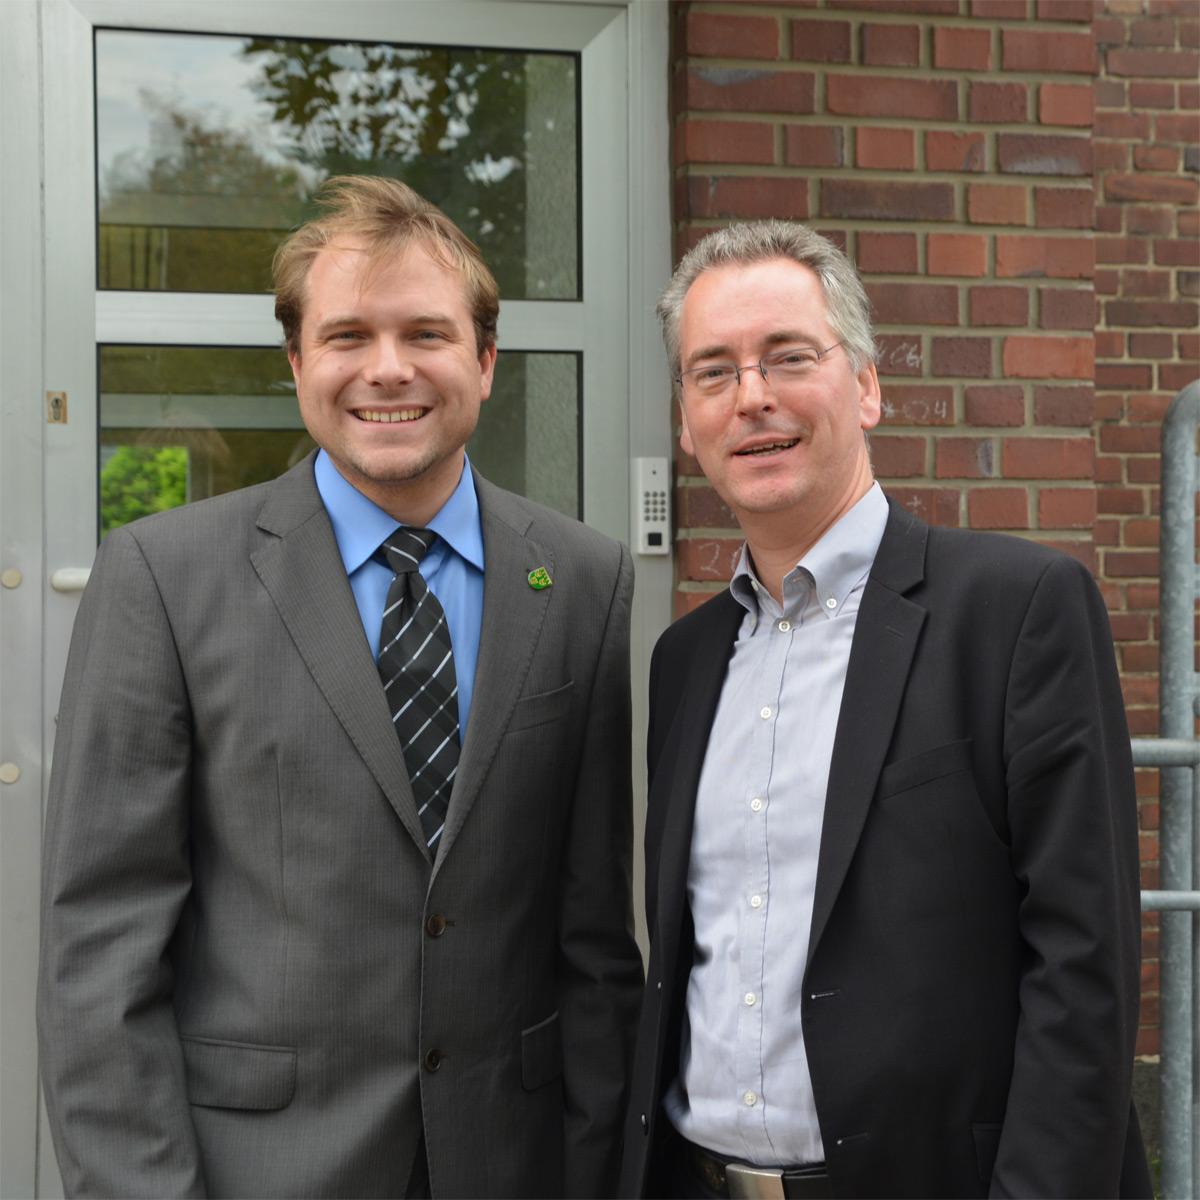 Hans Christian Markert, MdL zu Gast im Rommerskirchener Rathaus